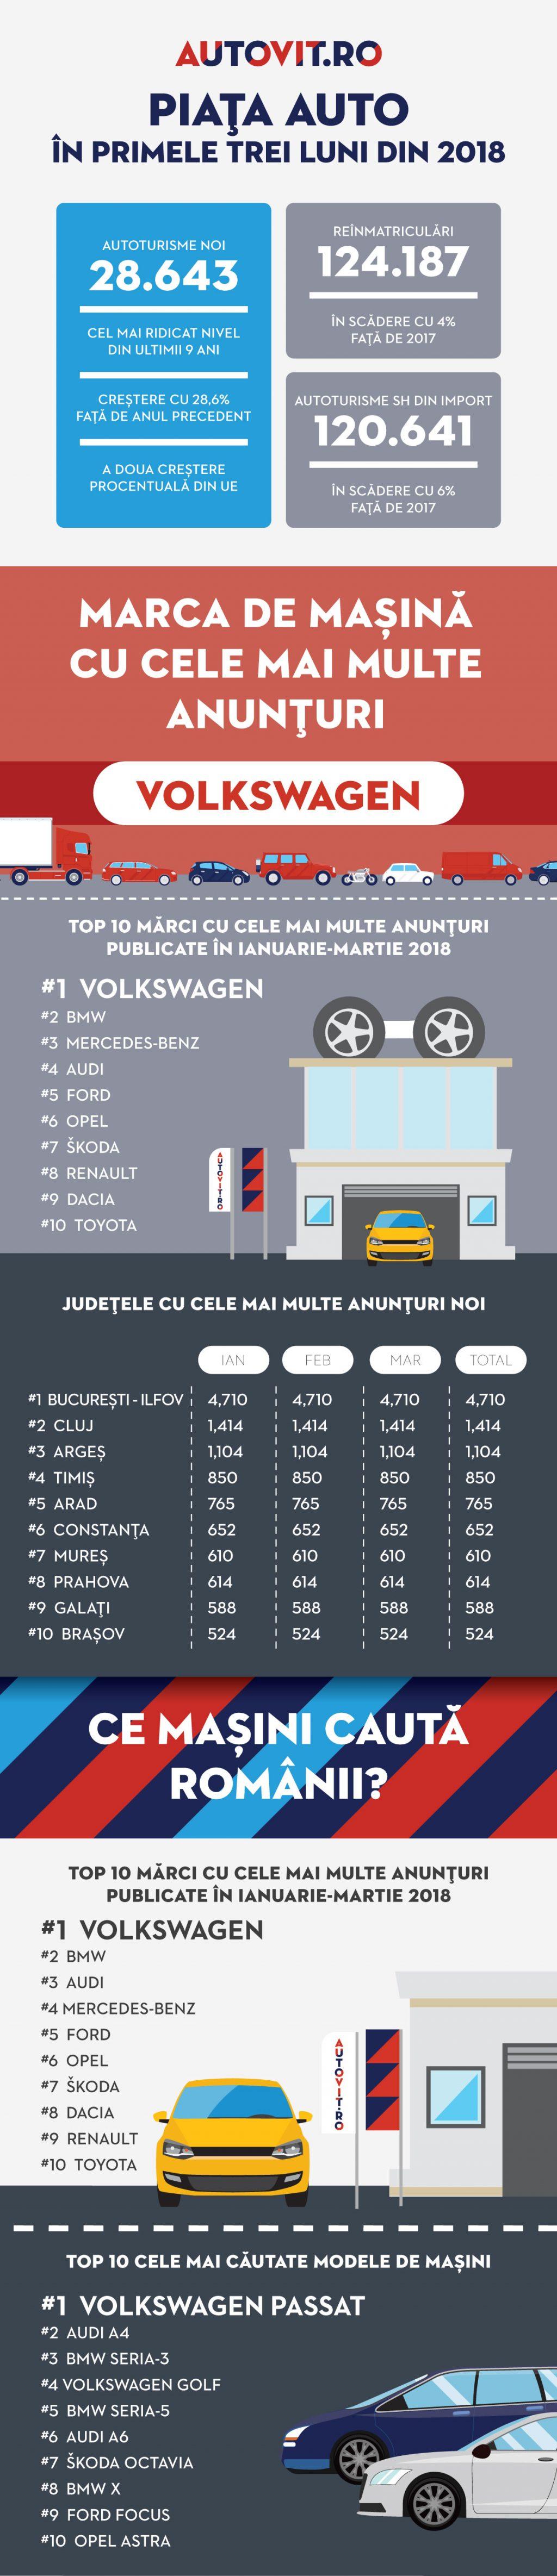 Piața auto în primele trei luni ale anului: au fost înmatriculate peste 270.000 de mașini. Creștere de 30% pentru autoturismele noi